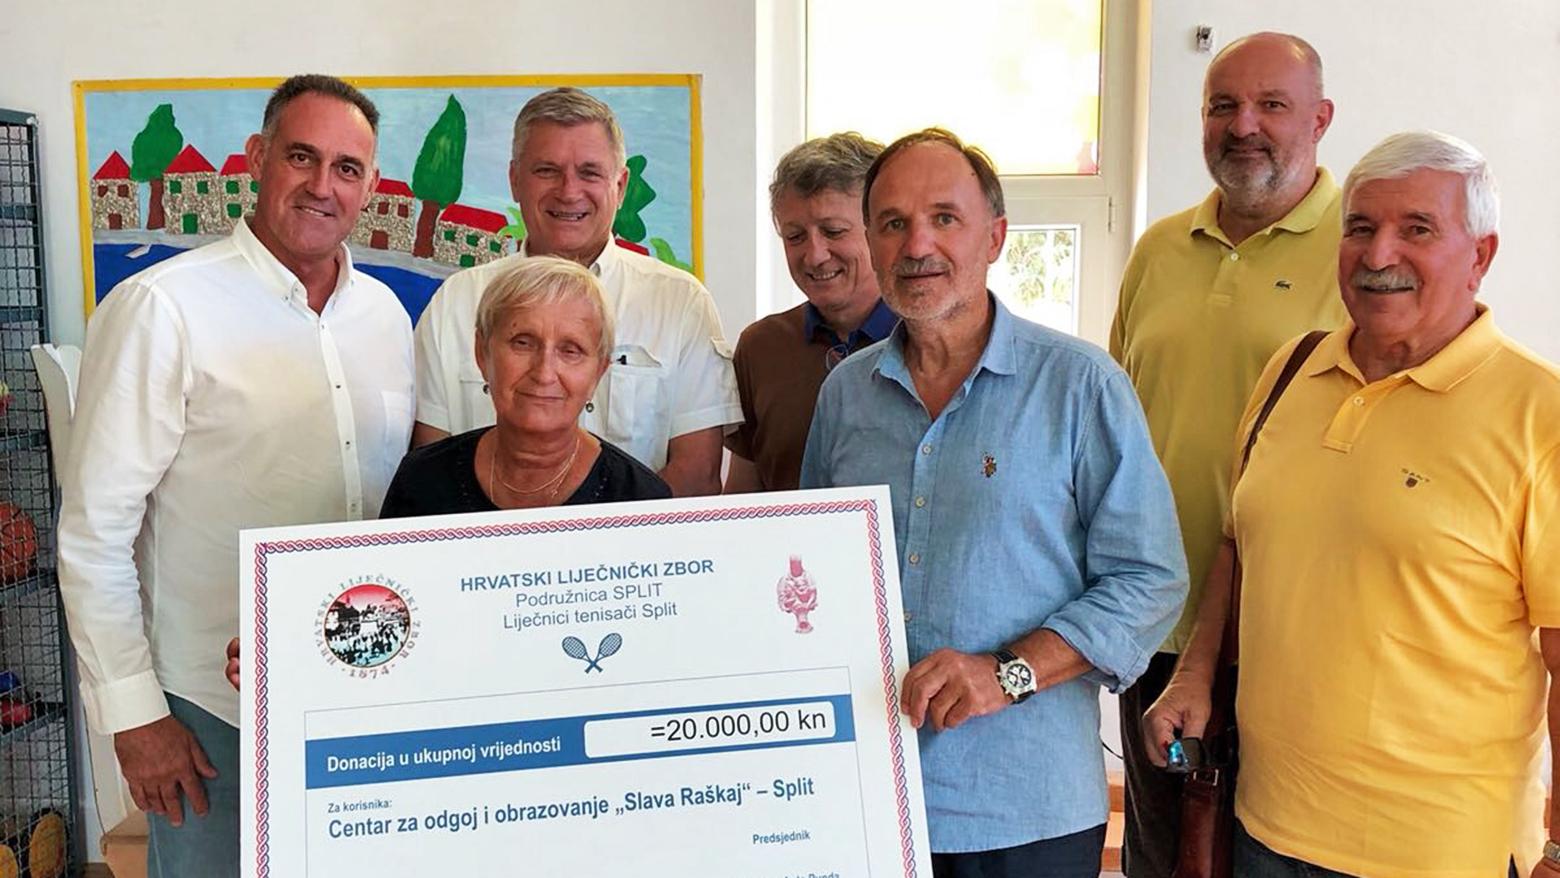 Splitski Lijecnici Tenisaci Donirali Novac Centru Slava Raskaj